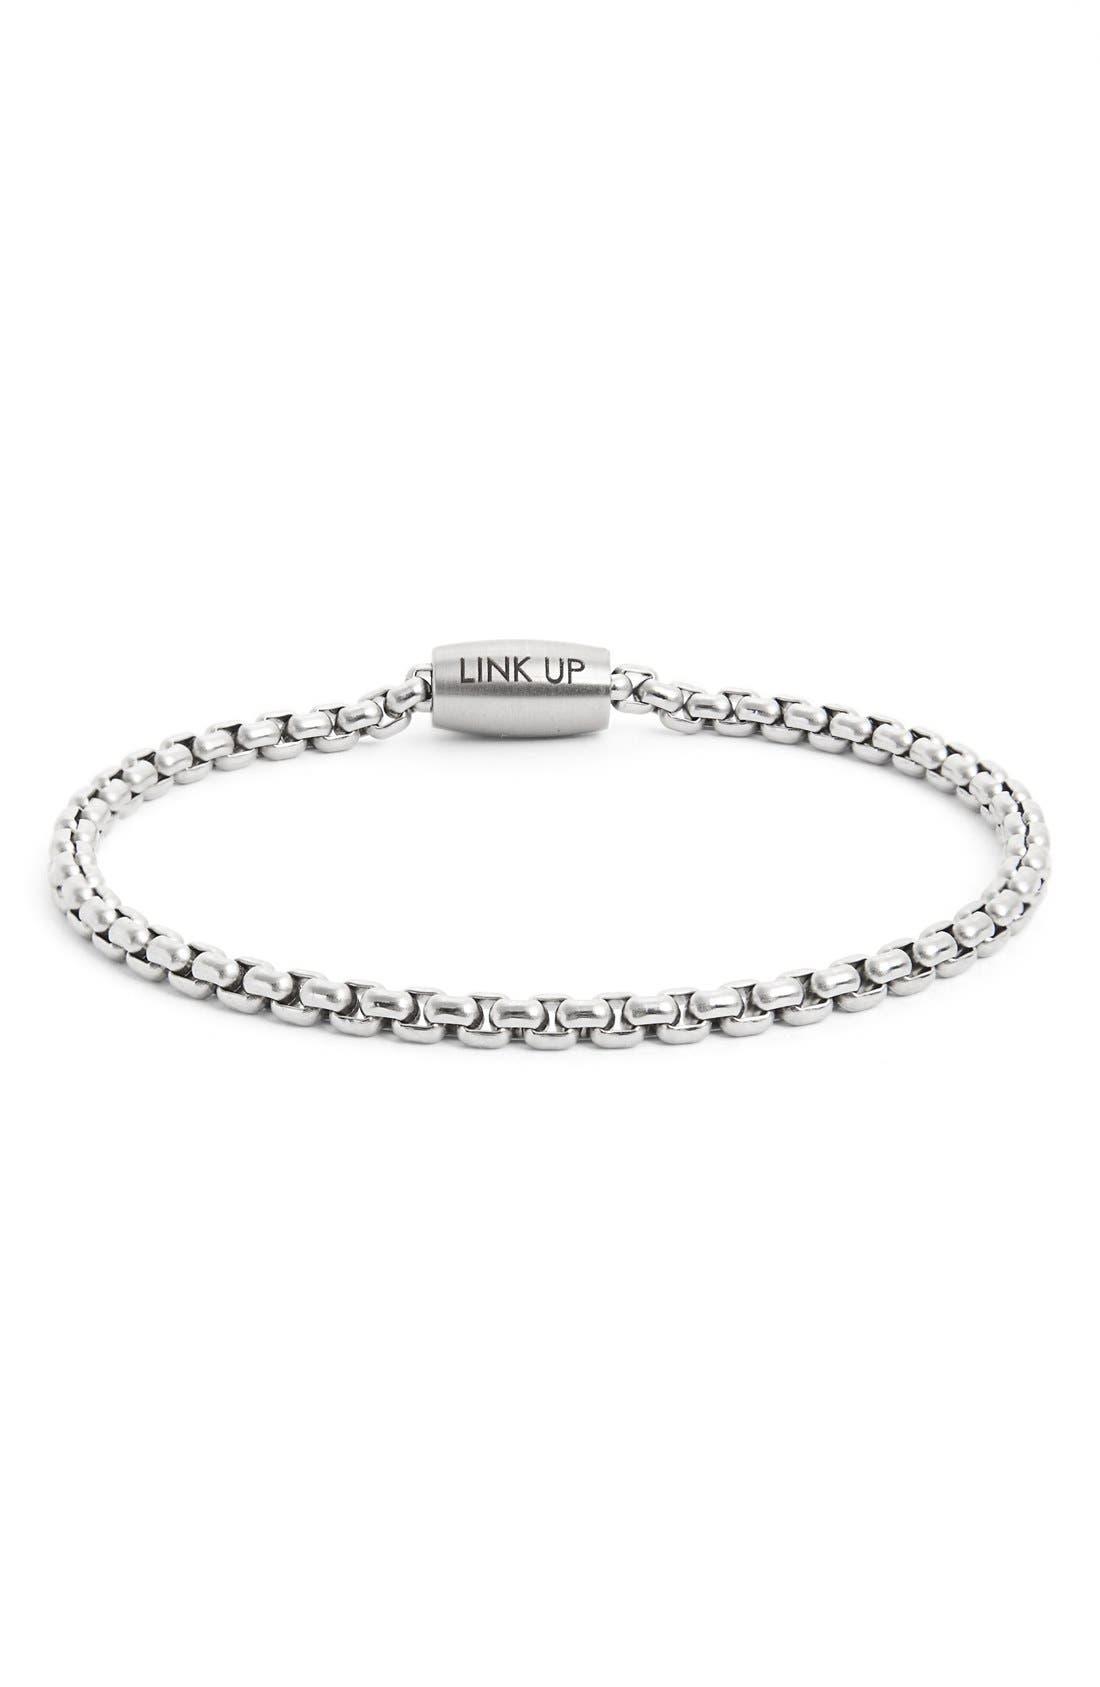 LINK UP Chain Link Bracelet